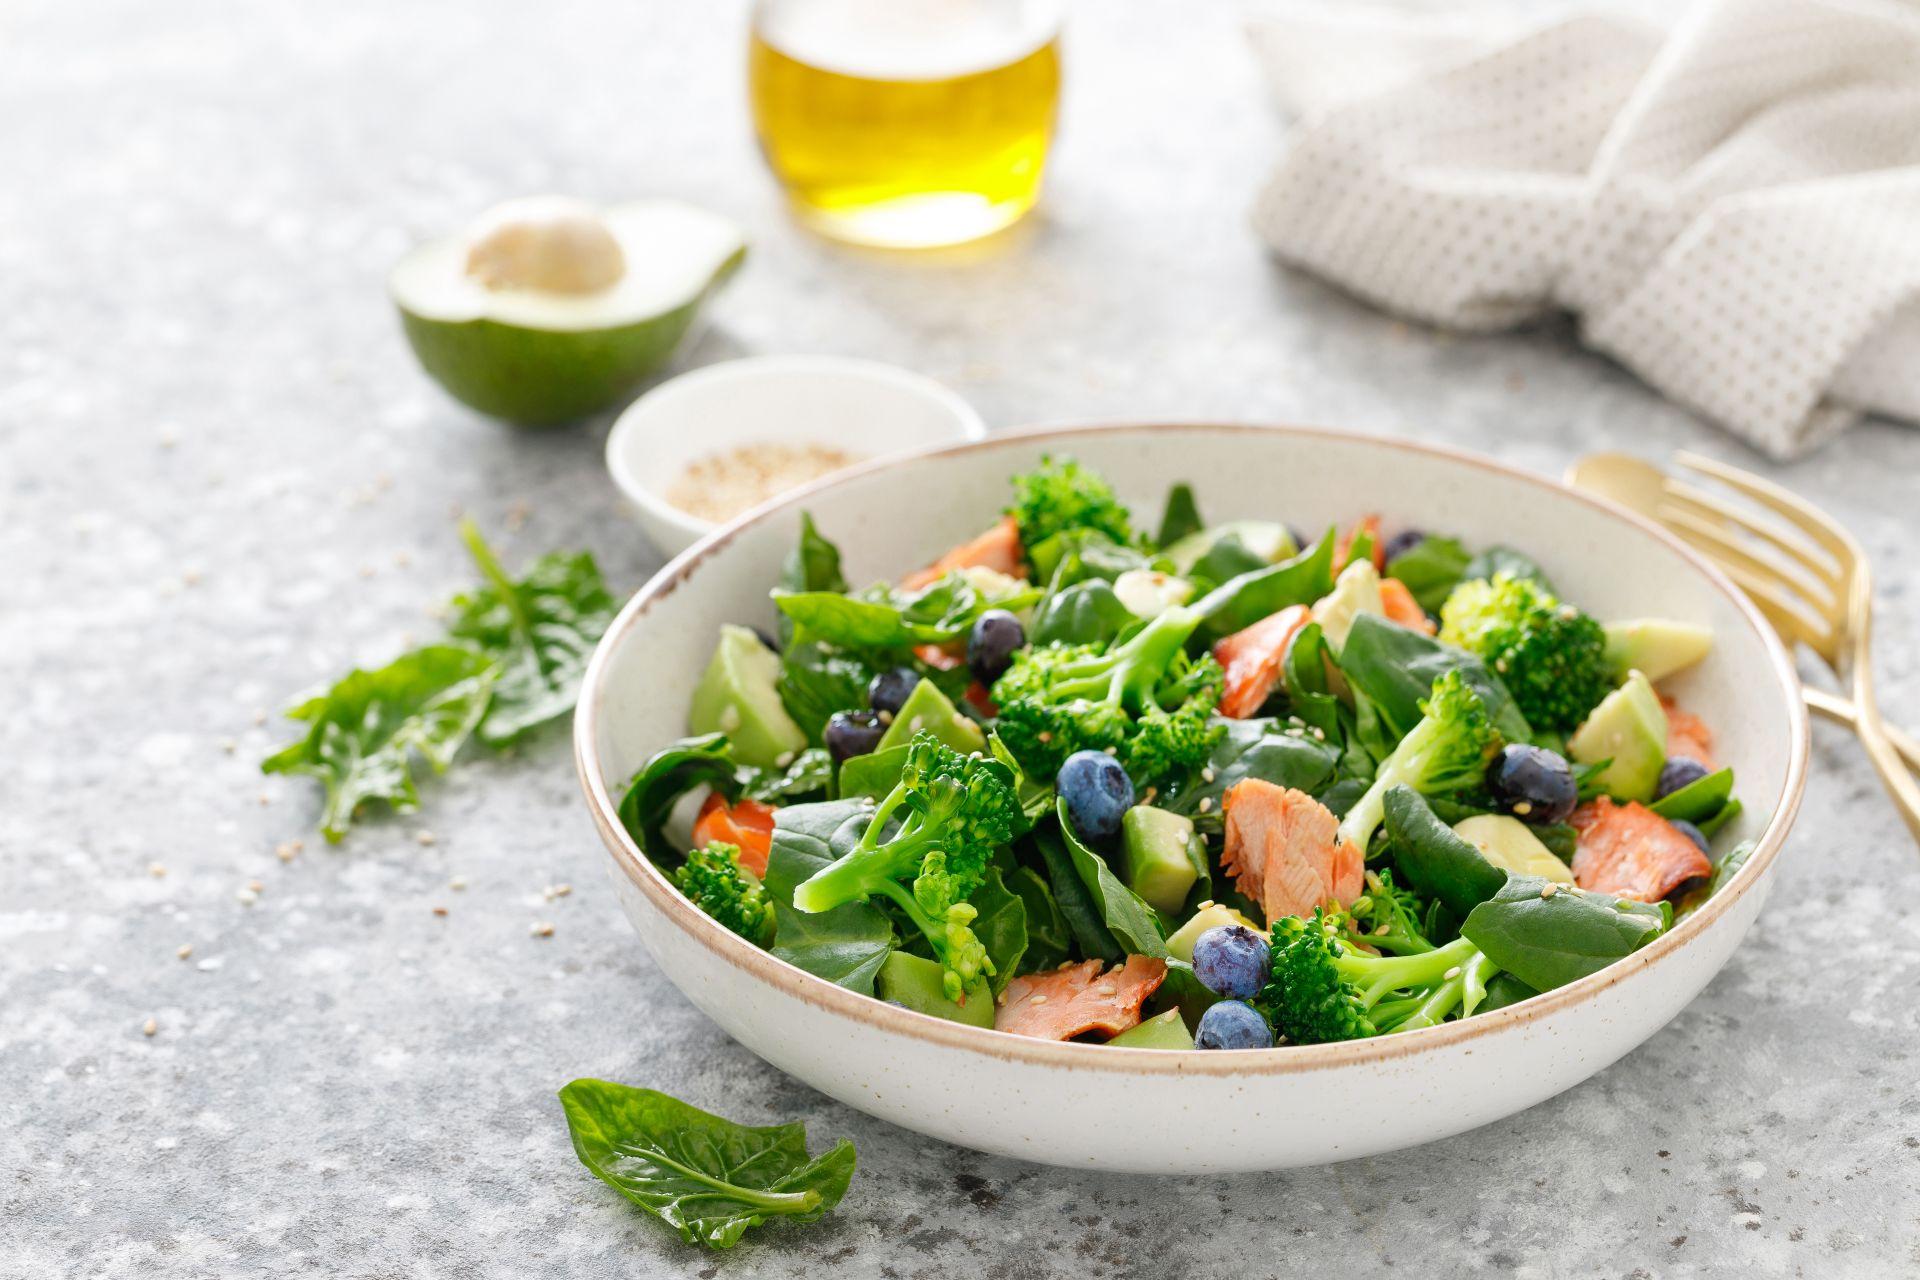 Dieta po zawale serca - co jeść po zawale, aby wspomagać pracę serca, obniżyć cholesterol i zadbać o prawidłowe ciśnienie krwi?